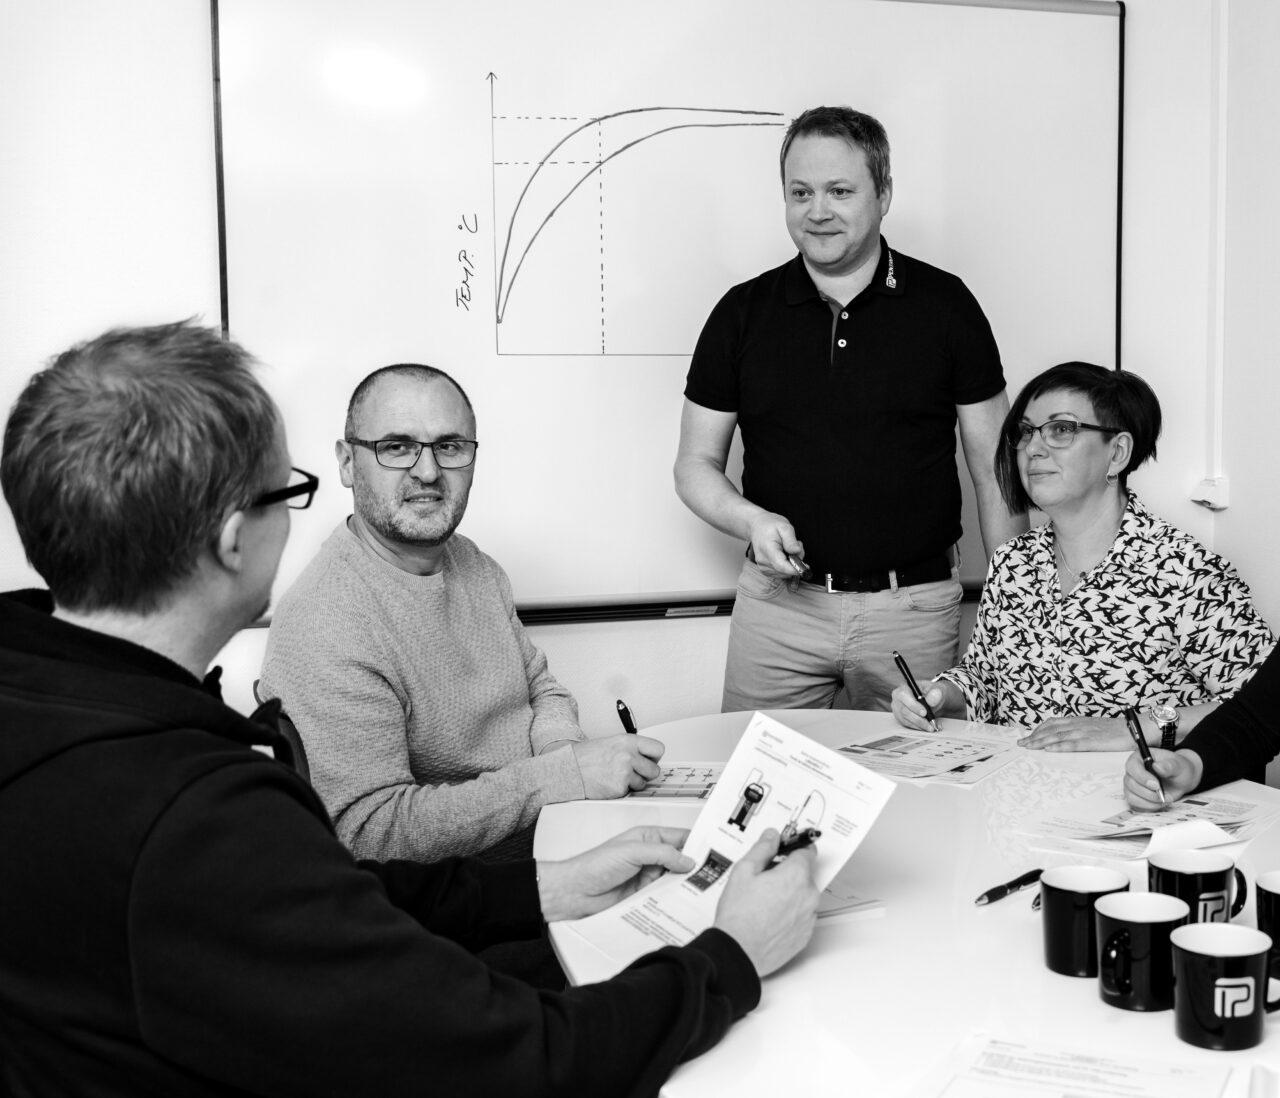 Kursverksamheten inleddes 1991. Flera företag använder Pentronics utbildning i temperaturmätning och kalibrering som introduktion för nyanställda inom området.